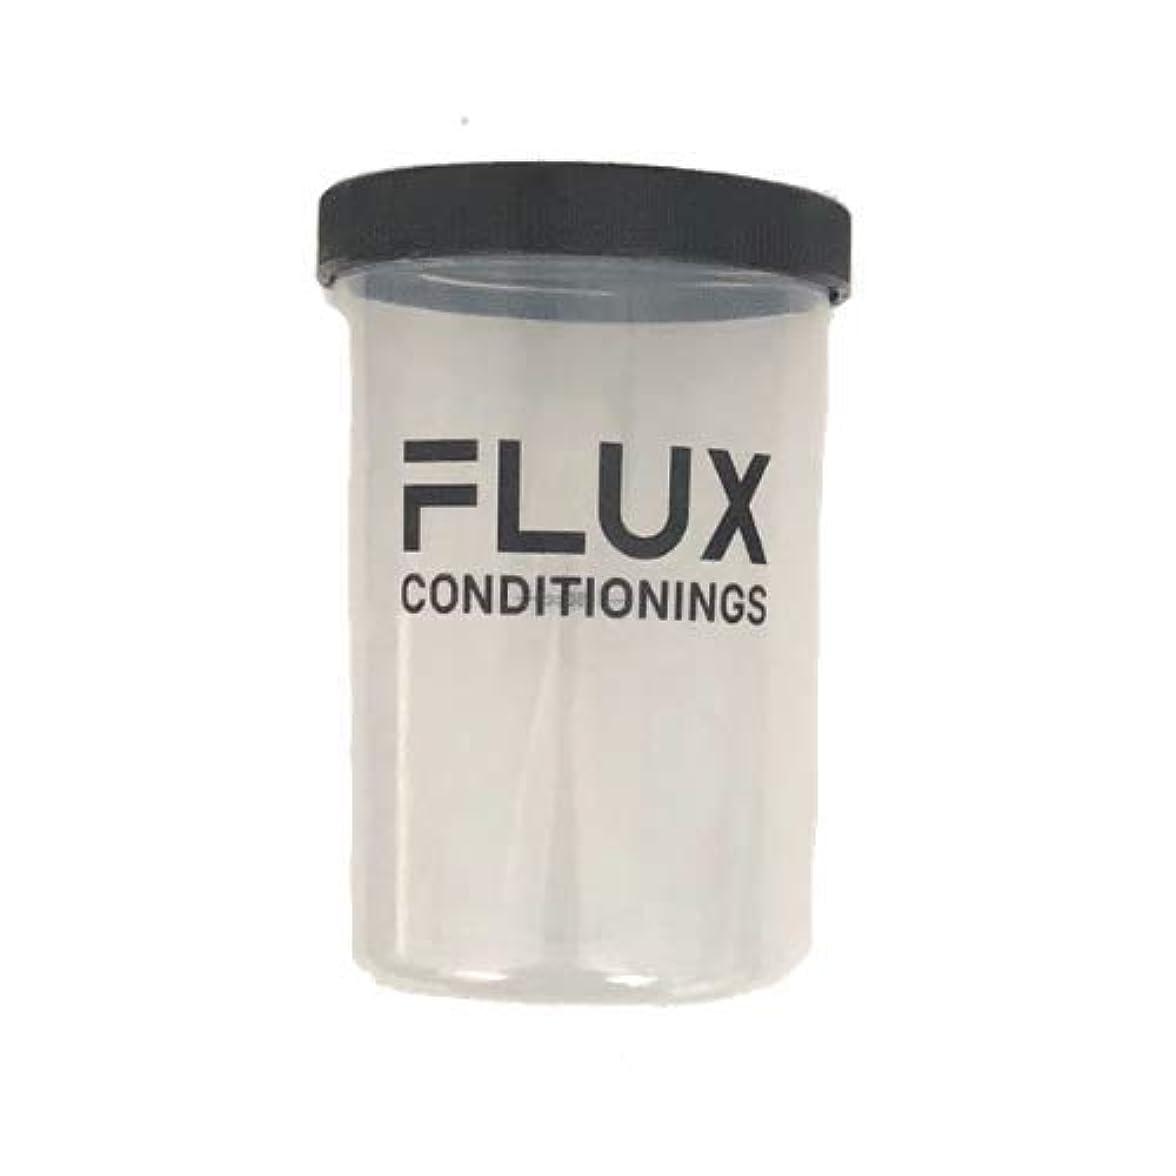 怠な居間会議代官山FLUX(フラックス)ジム、プロテインシェーカー (500ml)